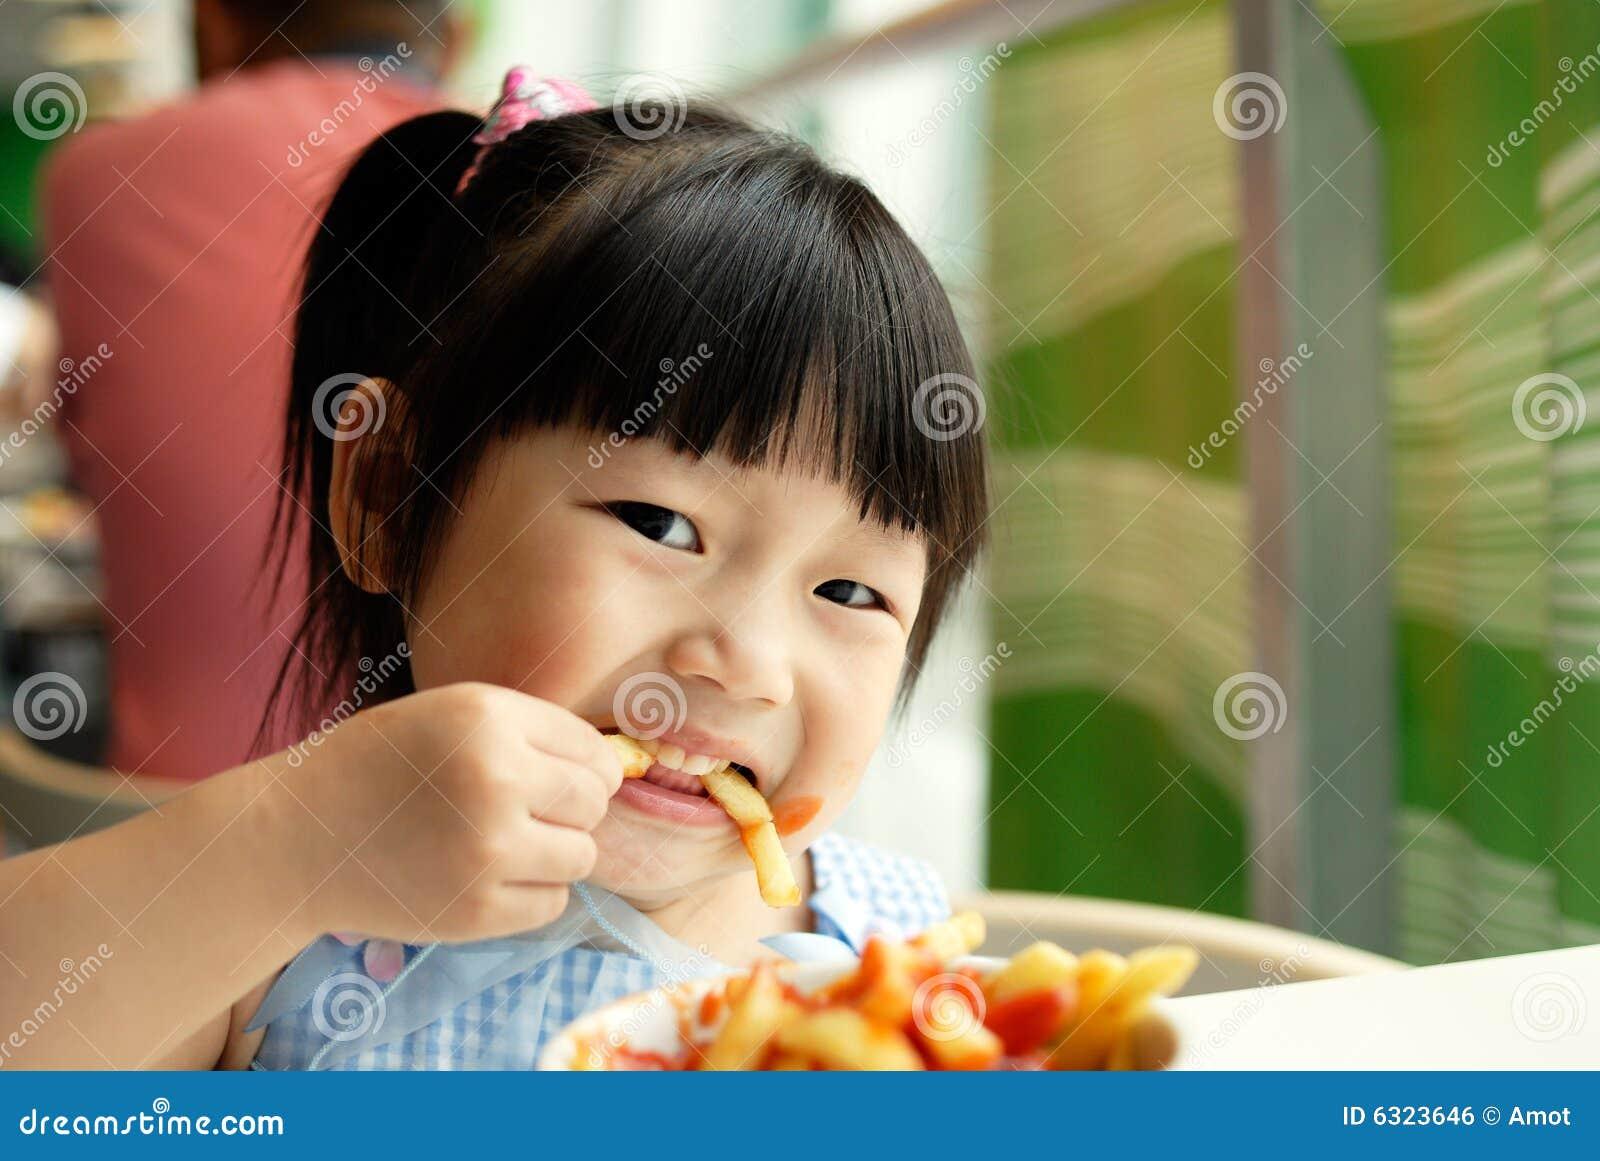 Dziecko to frytki